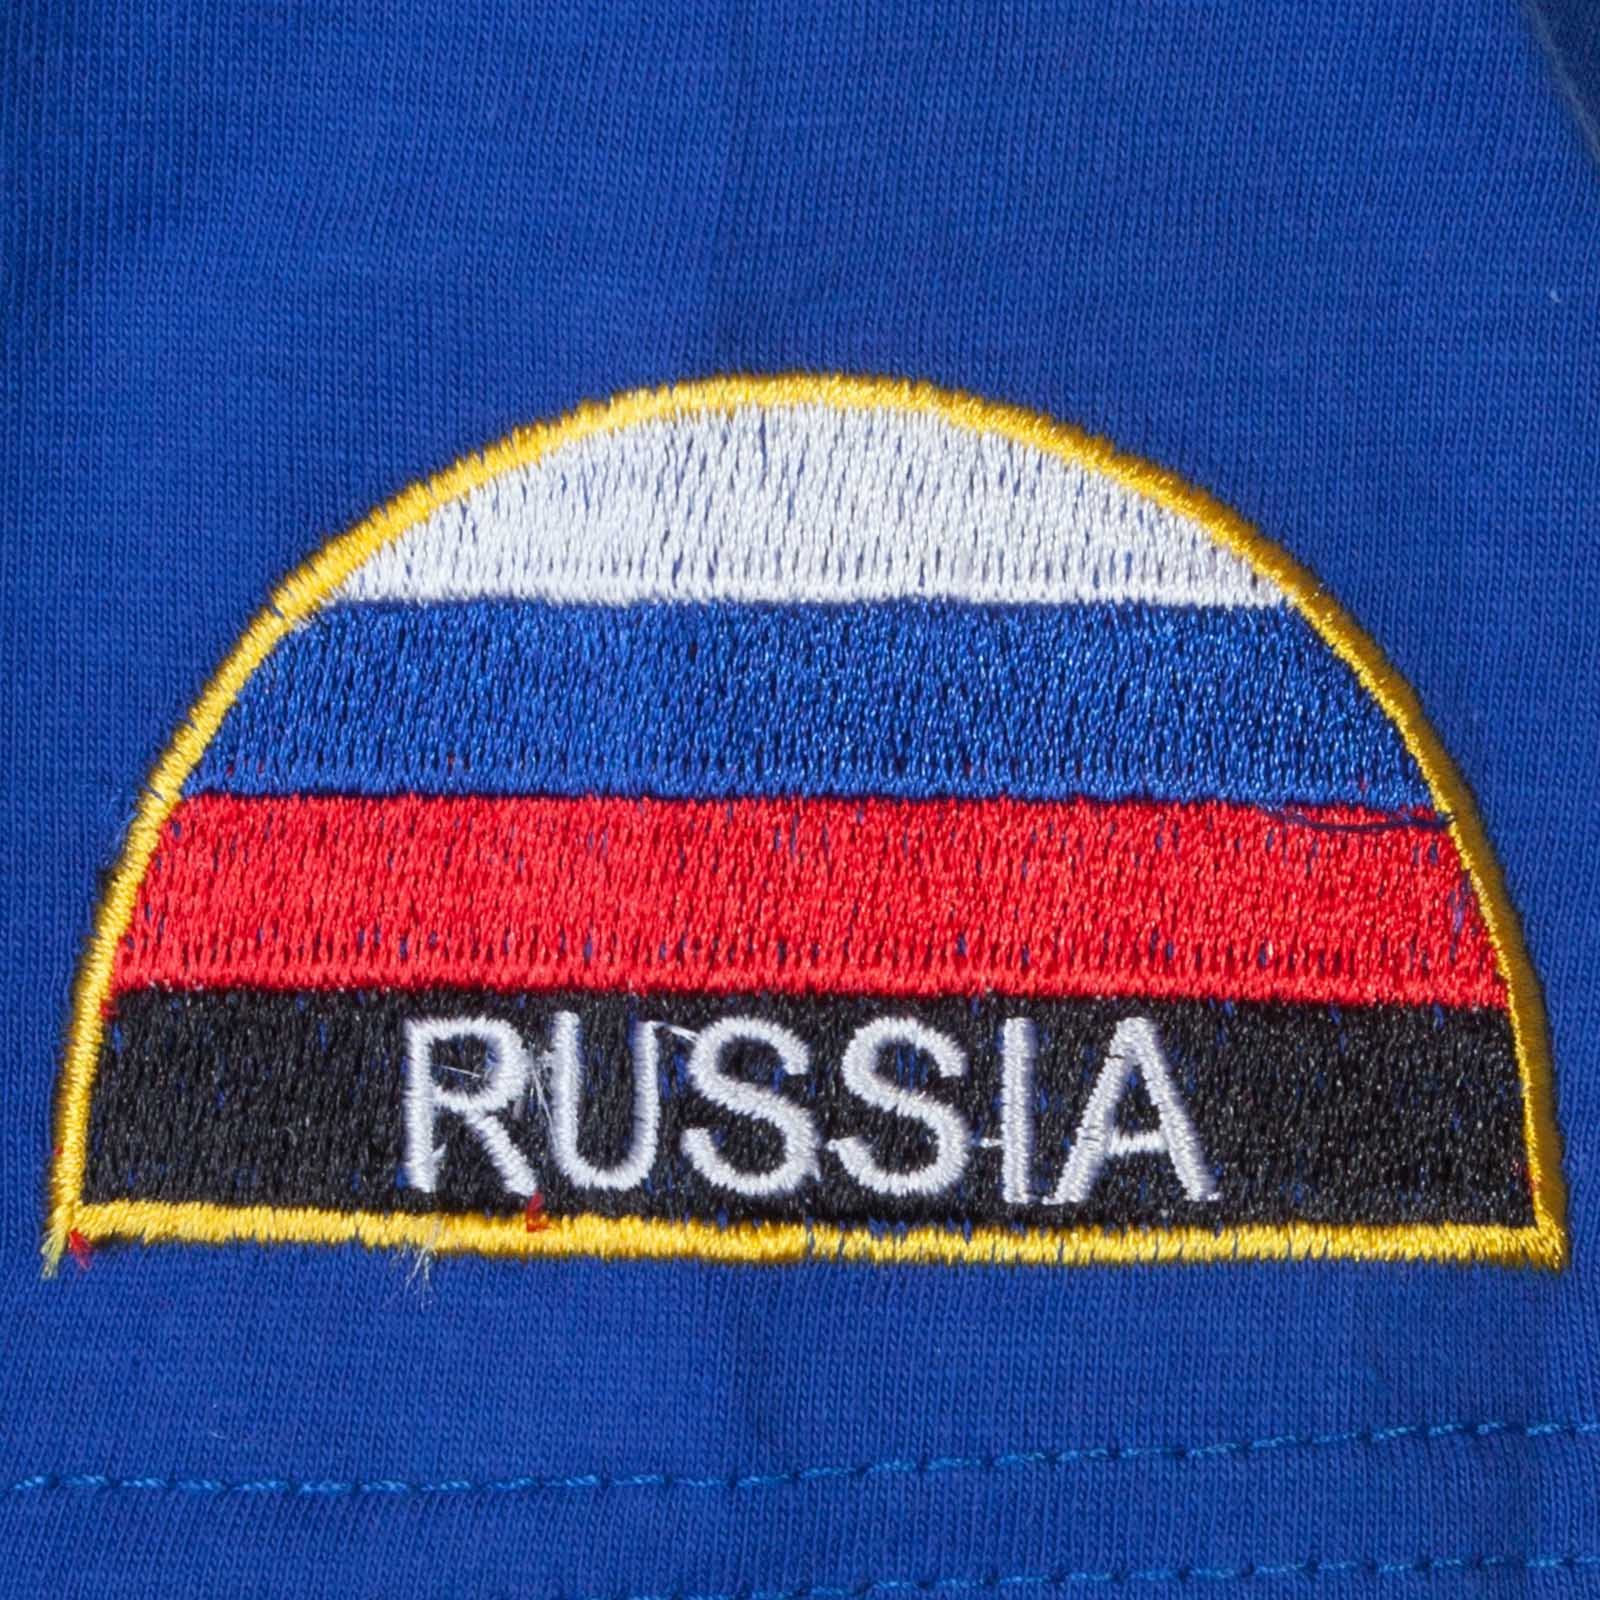 Уставная футболка МЧС России - вышивка